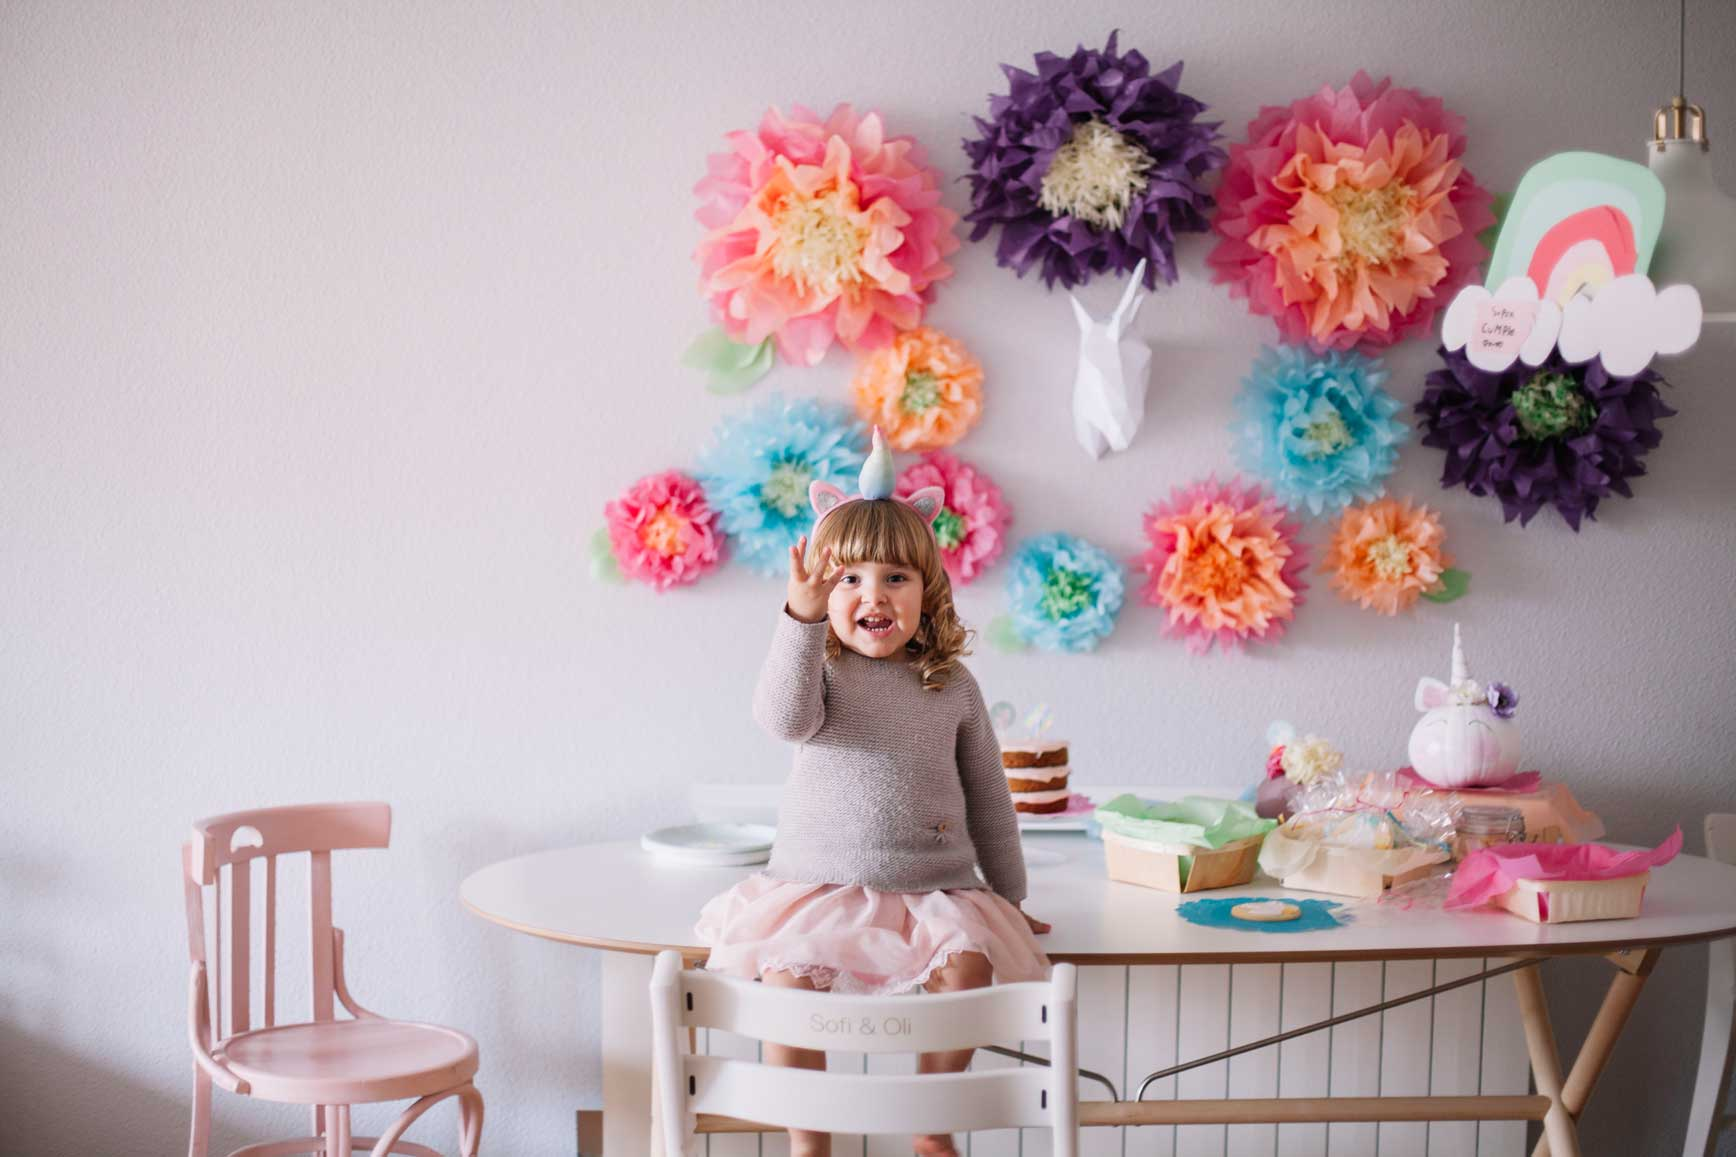 Fiestas de cumpleaos en casa gallery of fiesta infantil - Decoracion fiestas infantiles en casa ...